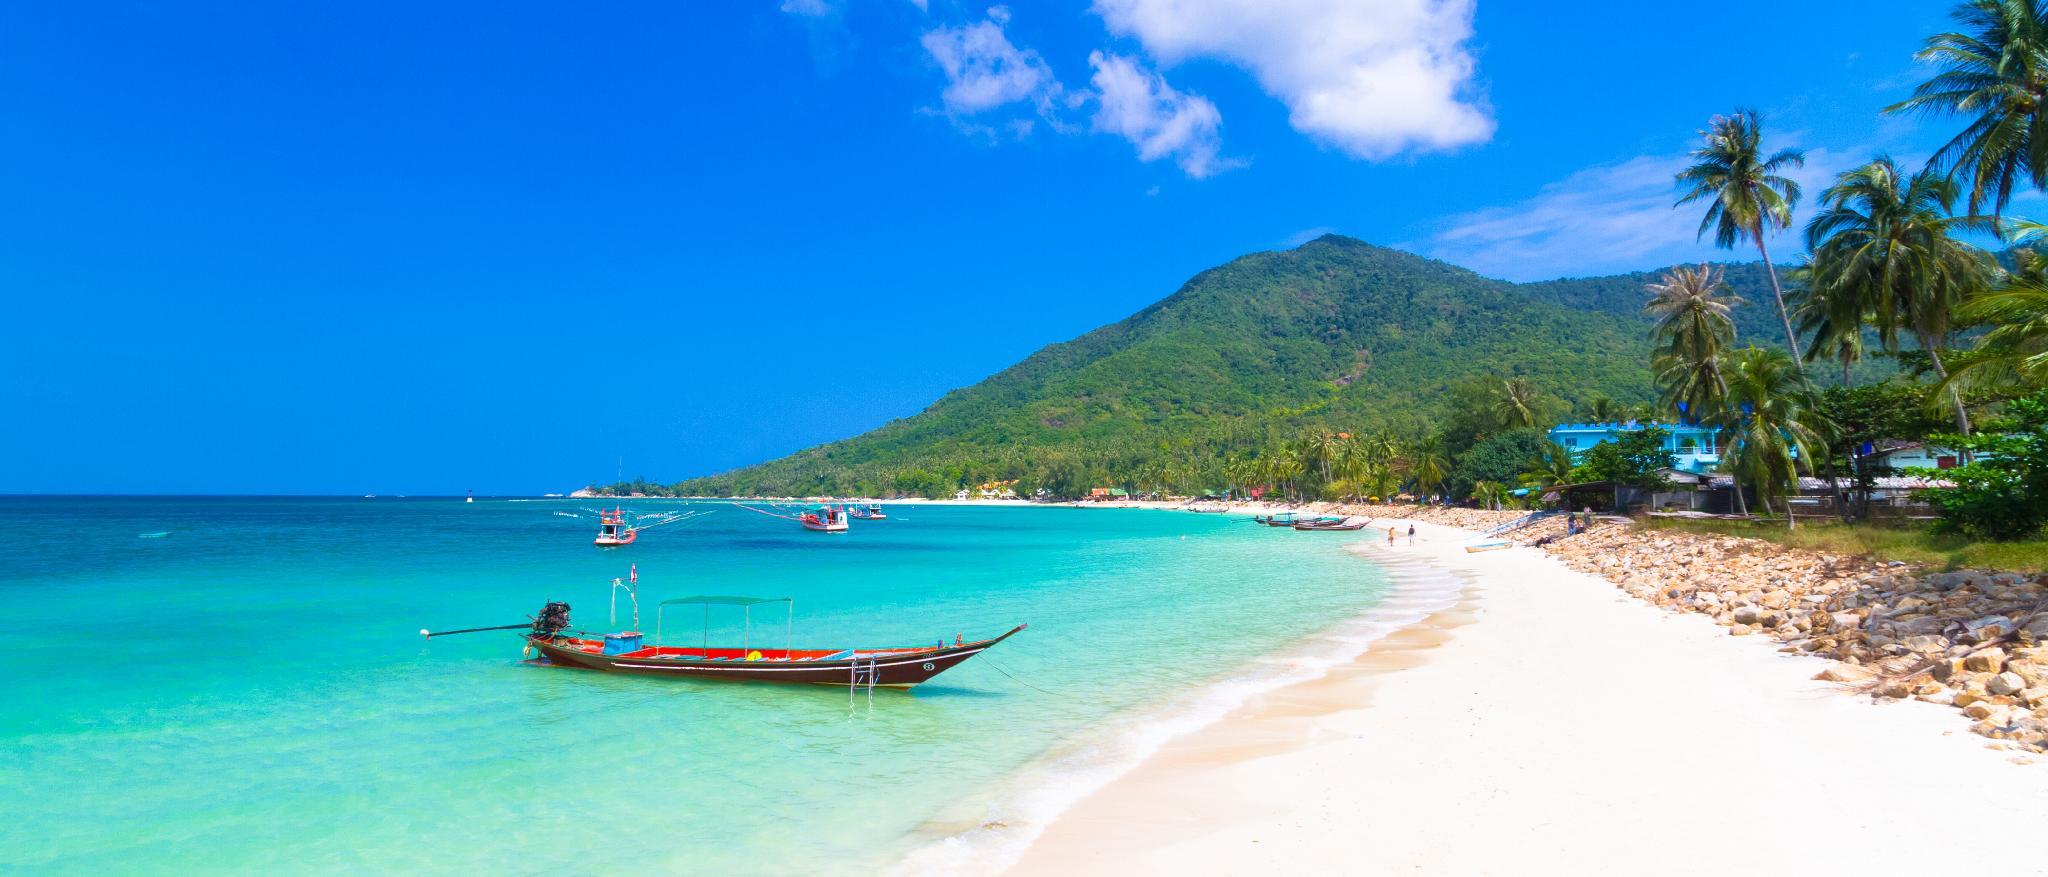 Koh Phangan Hotels, Thailand: Great savings and real reviews